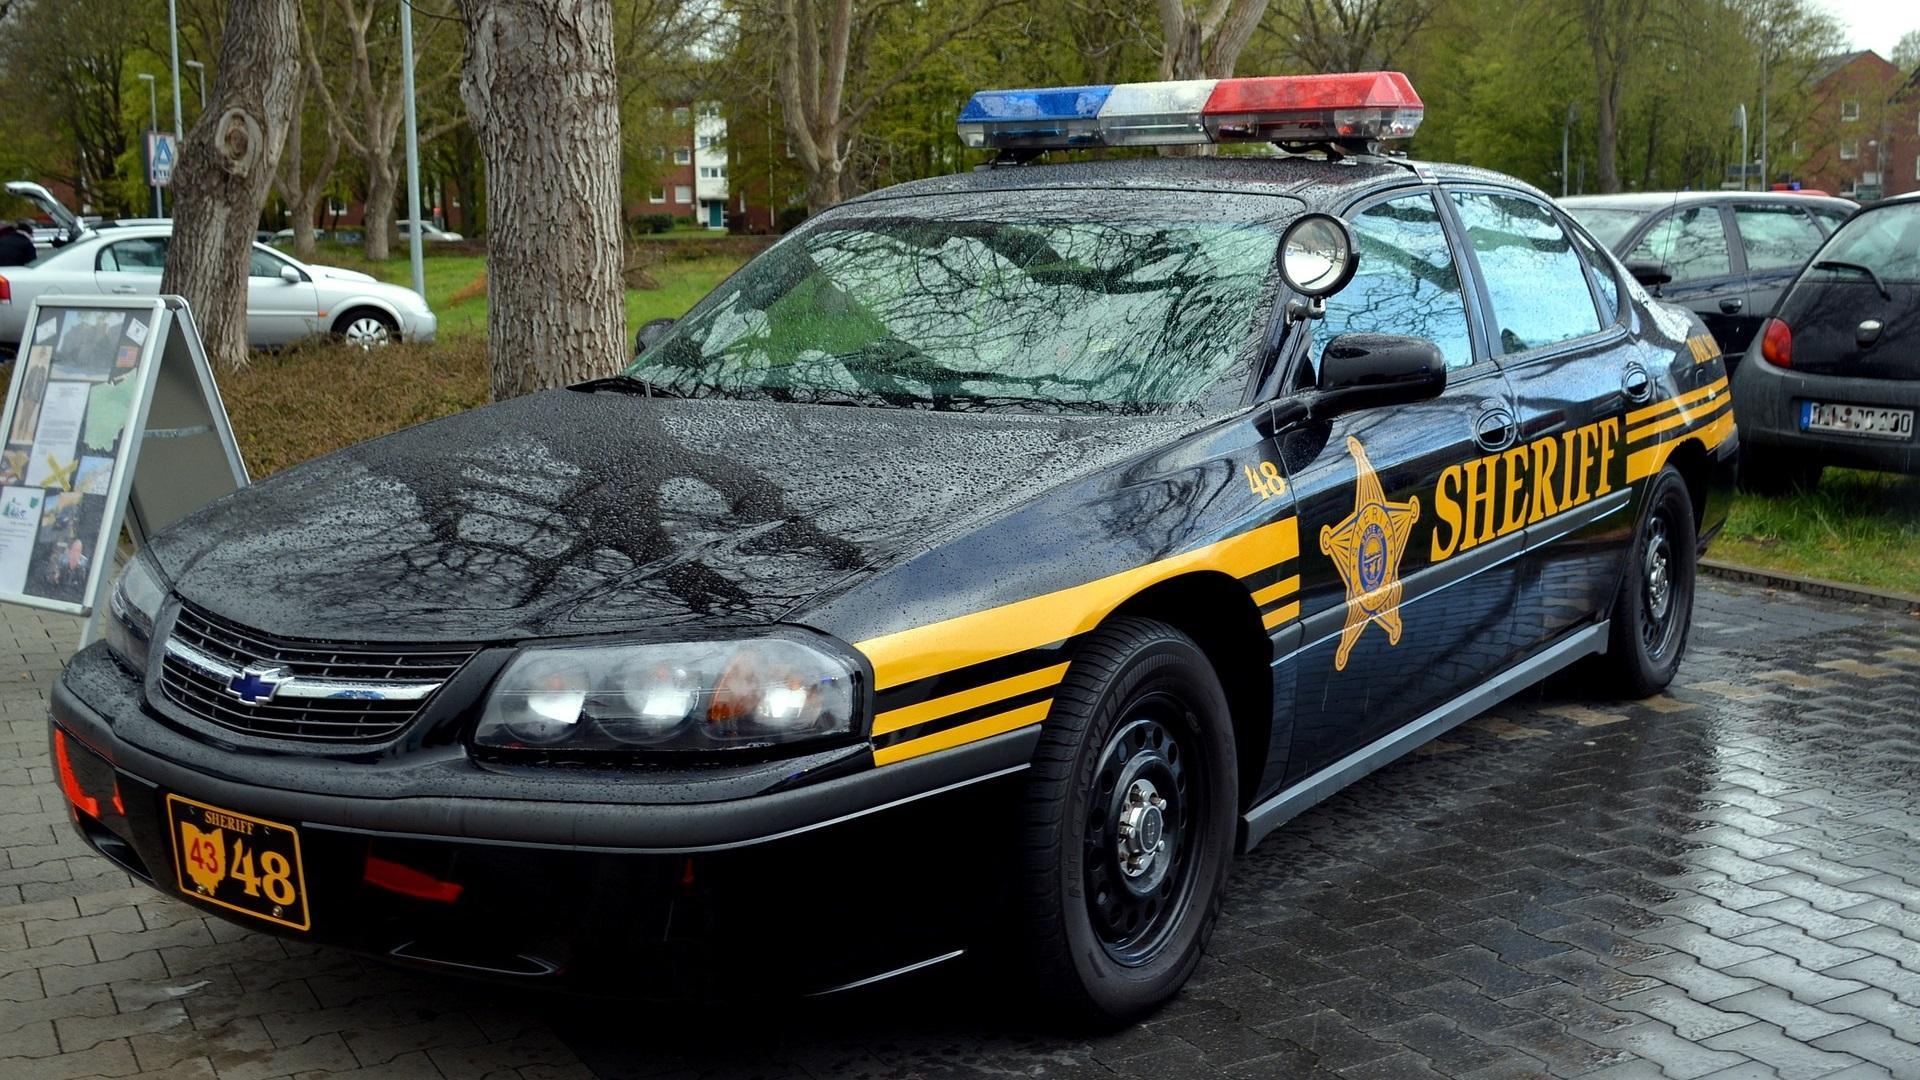 Marshall und Sheriff haben unterschiedliche Aufgaben. Ein Sheriff verfügt in der Regel über einen passenden Einsatzwagen, um innerhalb des countys wirken zu können.